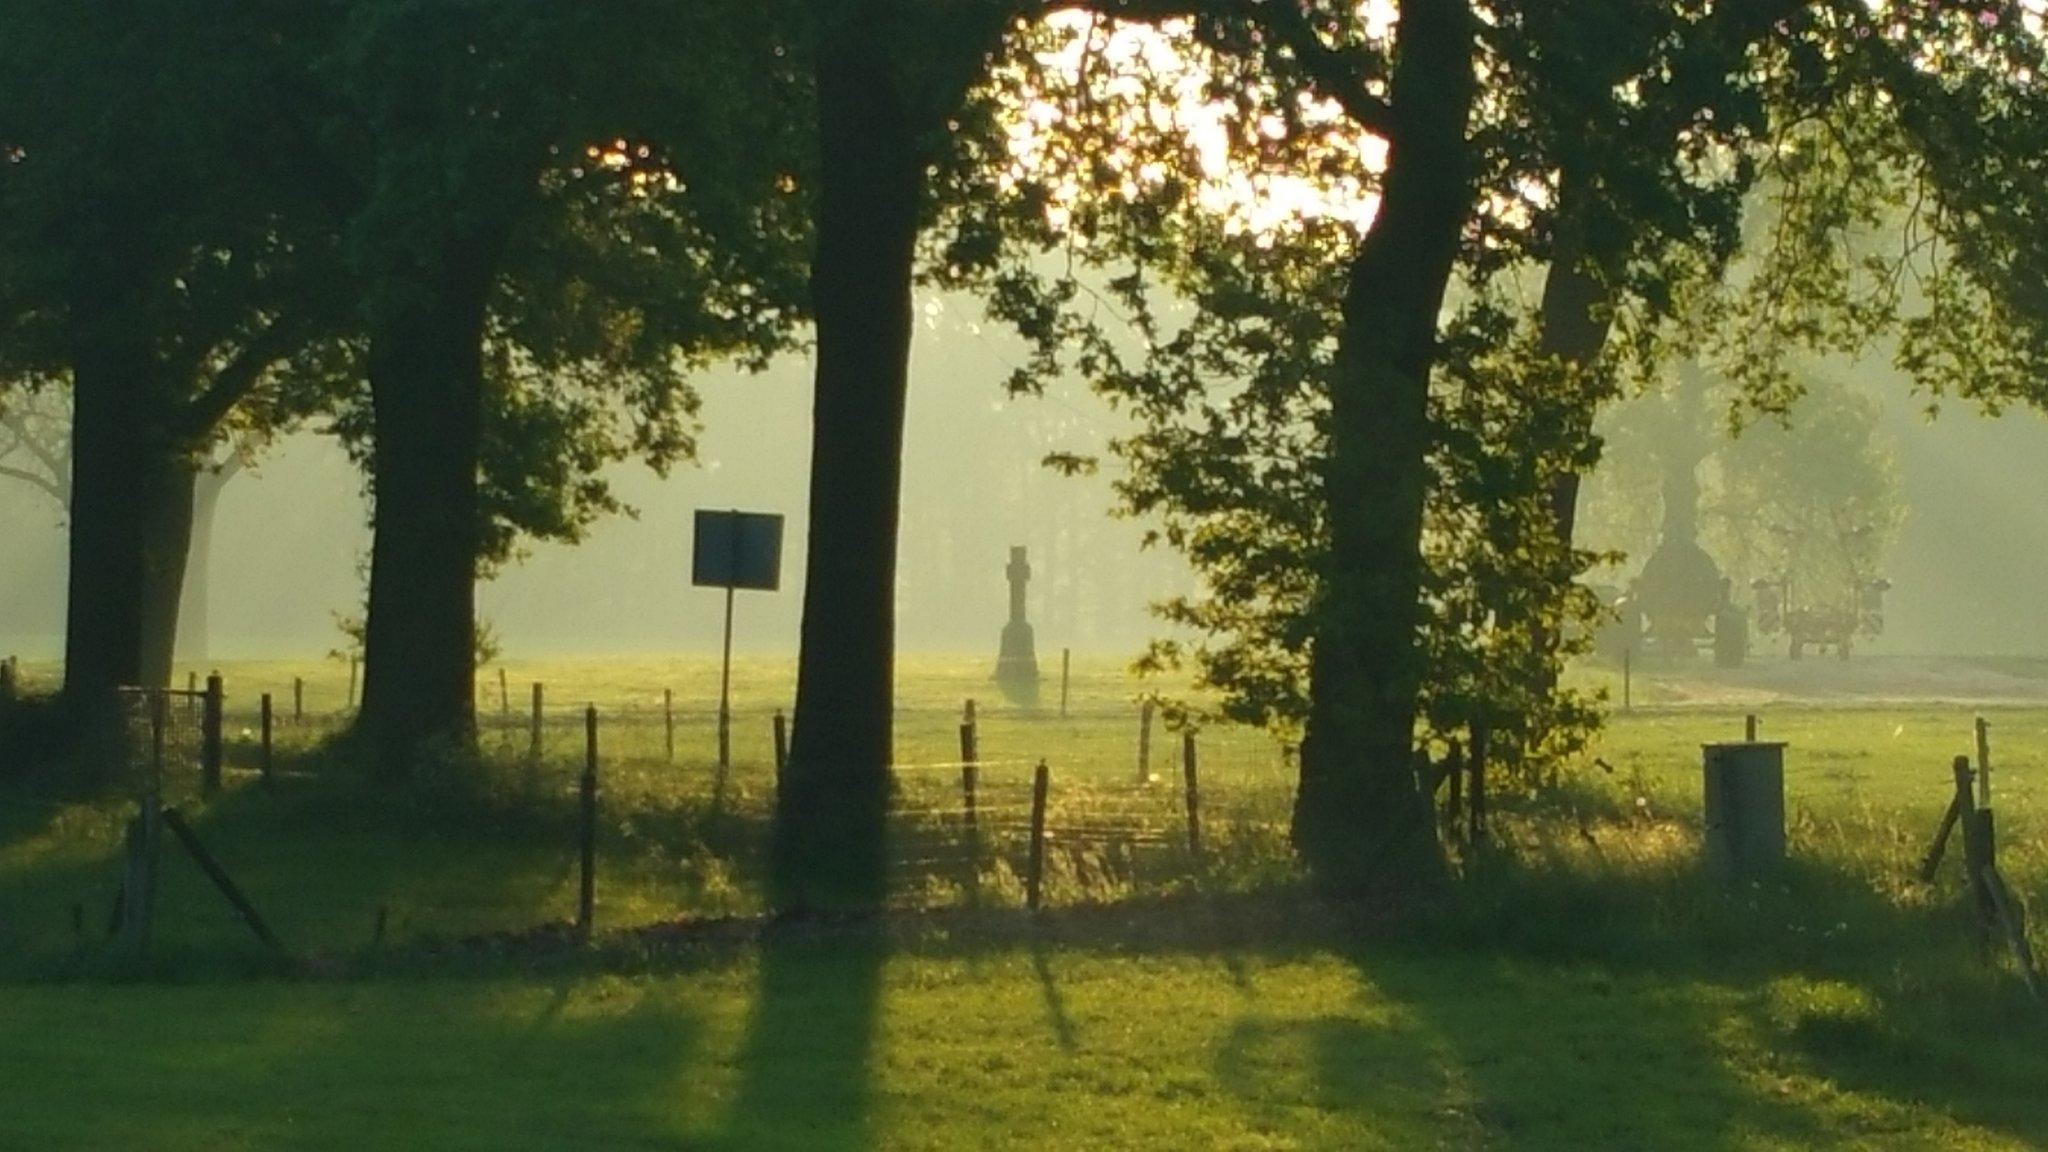 olst-boxbergerweg-4003964-foto-2.jpg